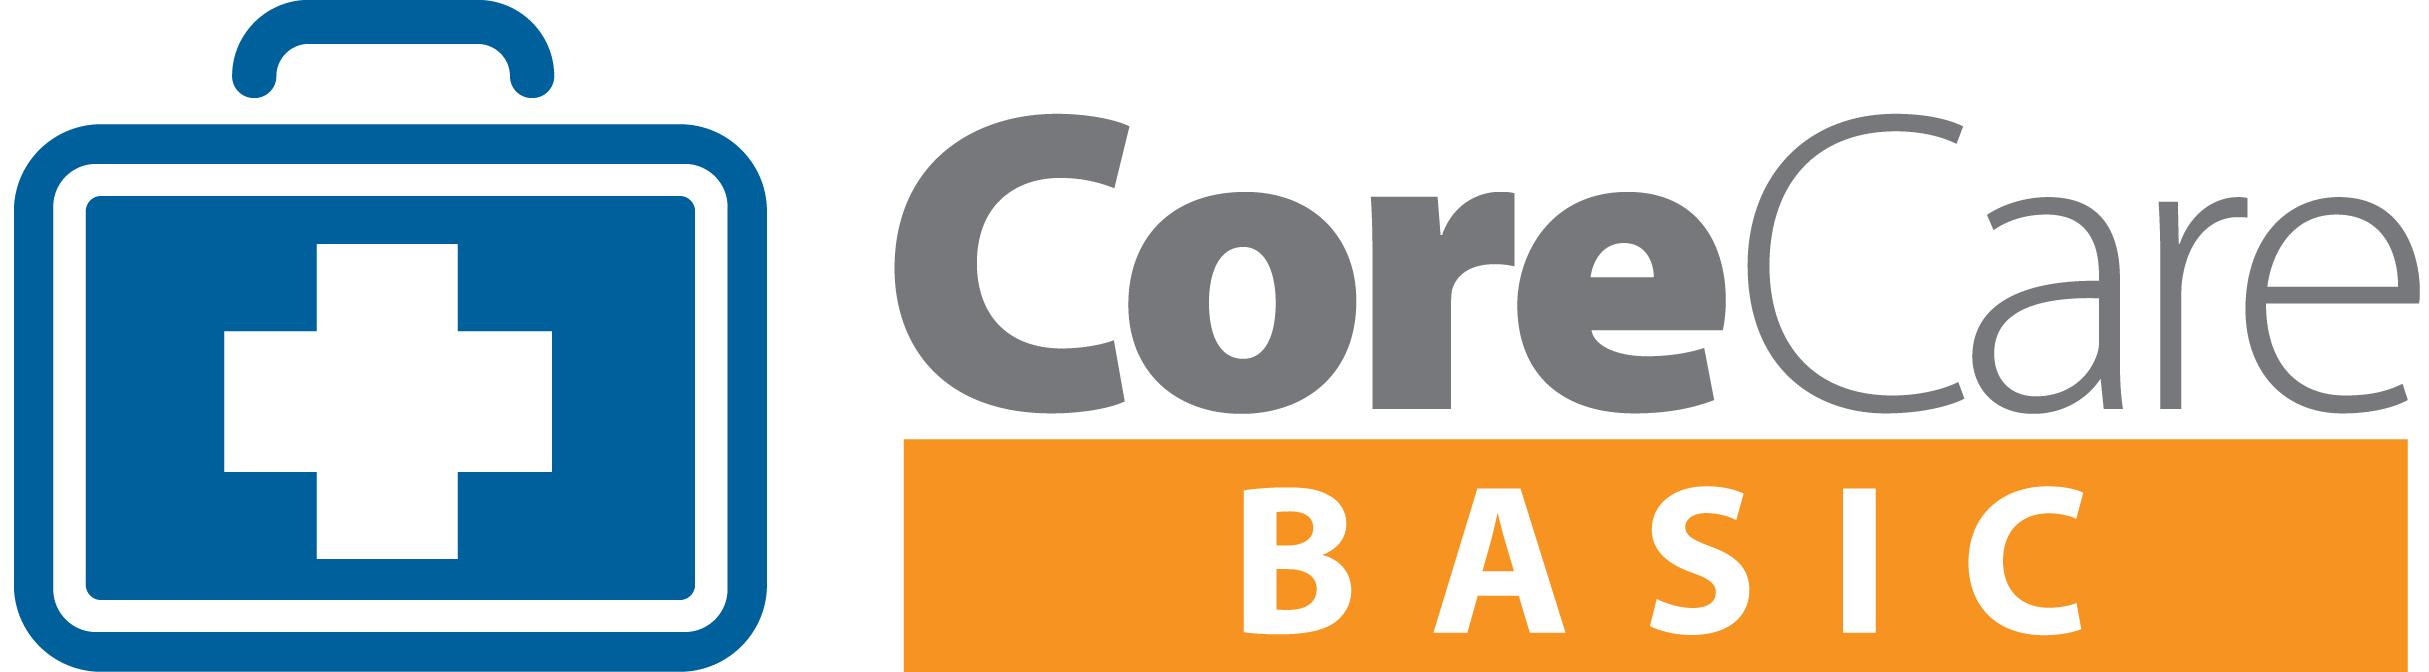 CoreCare_Basic_horiz_RGB.png